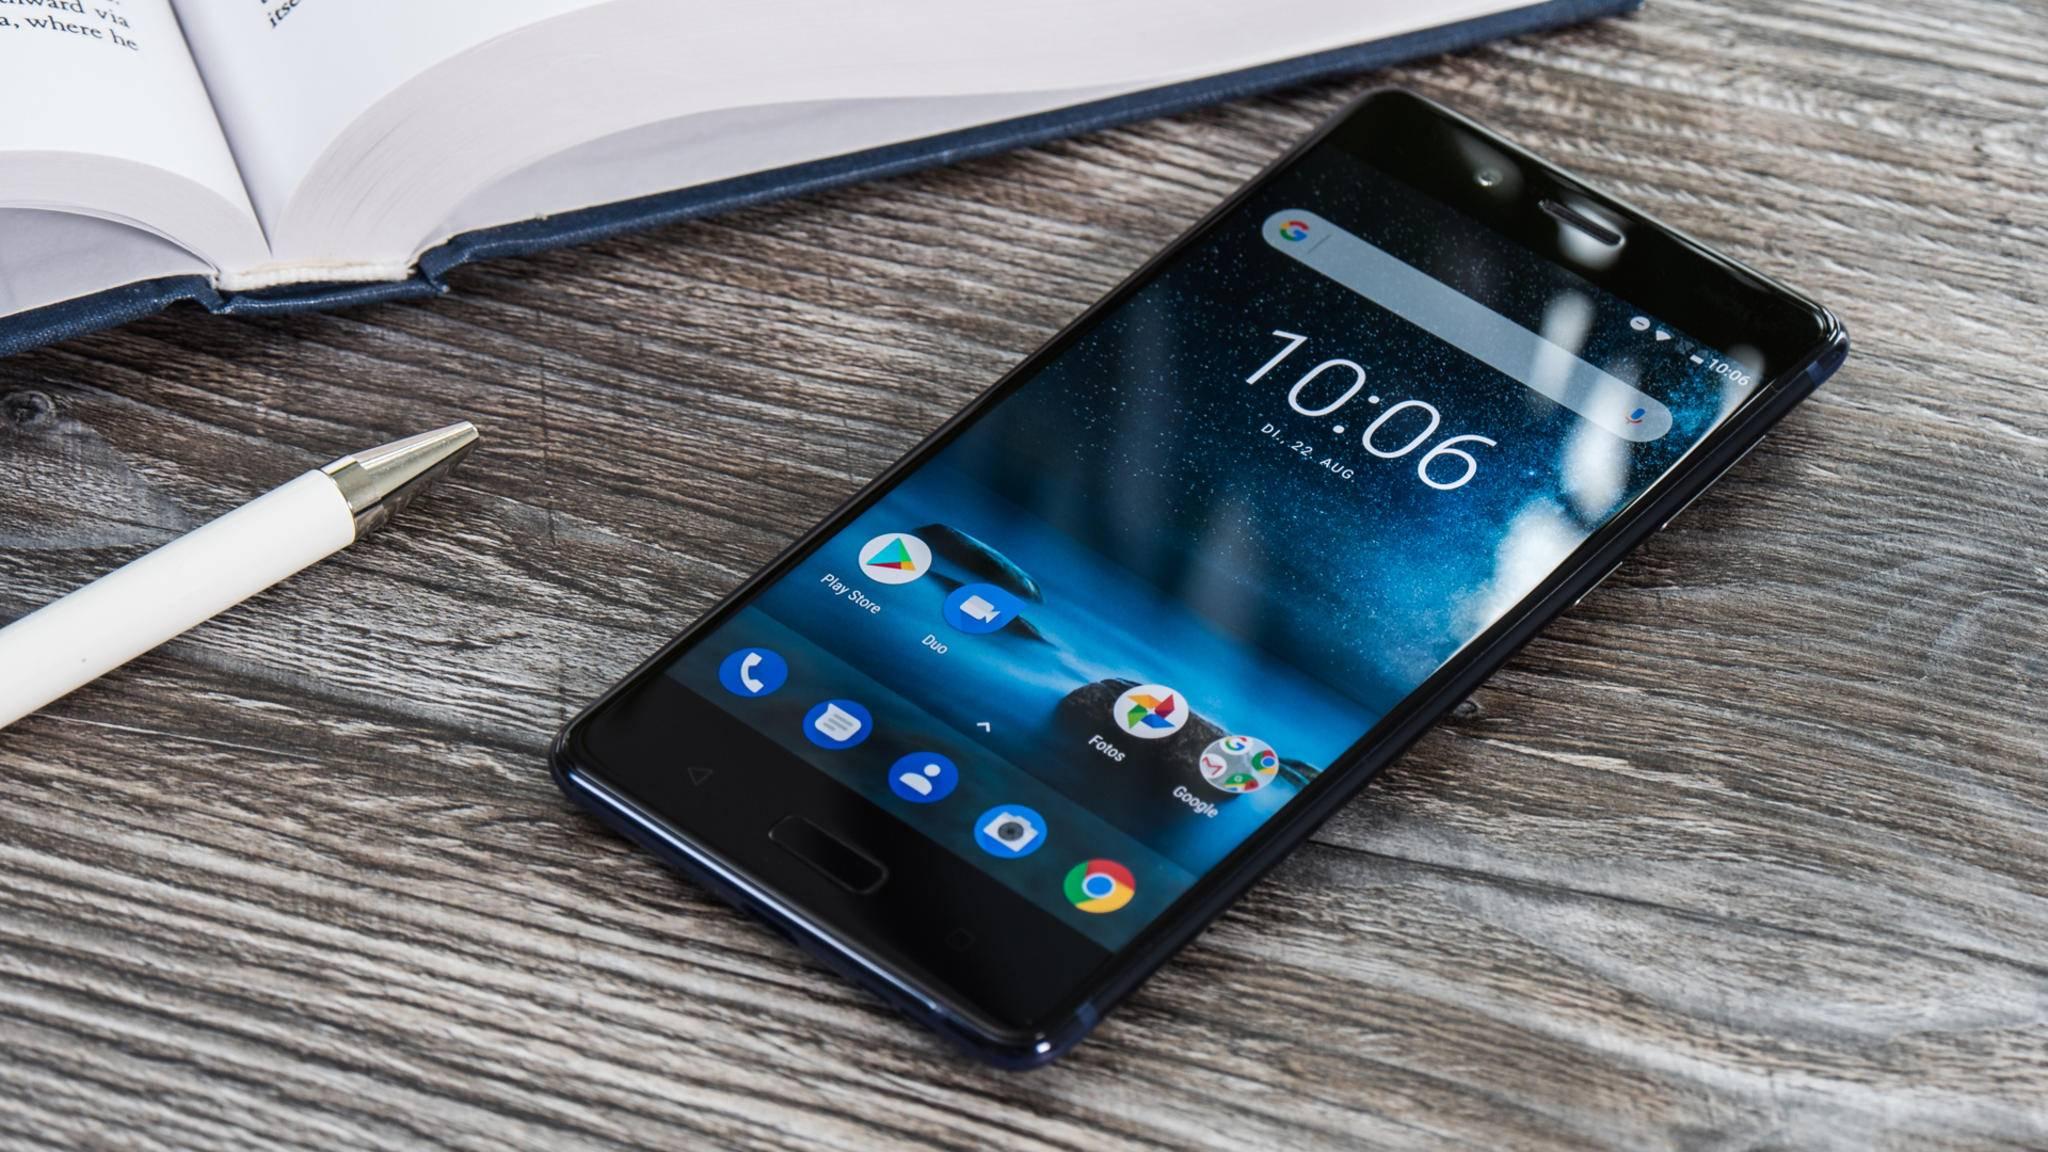 Dank reinem Android überholt das Nokia 8 sogar das iPhone 8 Plus in Speed-Tests.